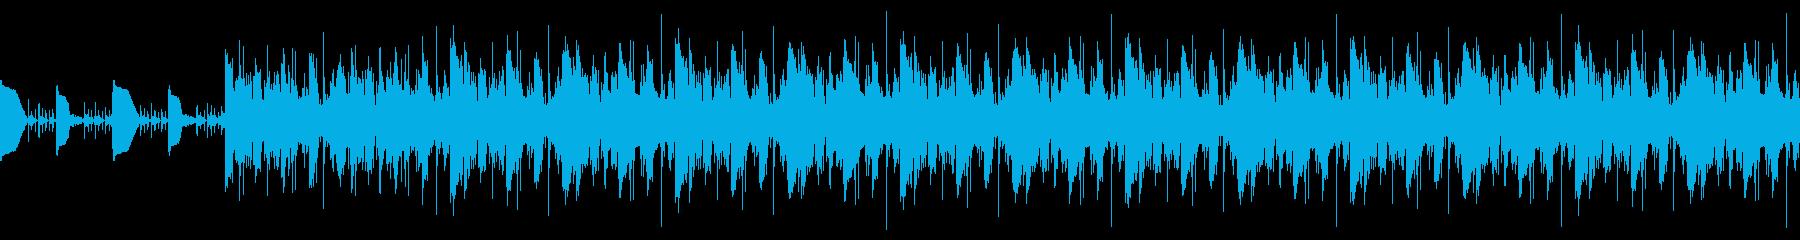 ポップBGMの再生済みの波形